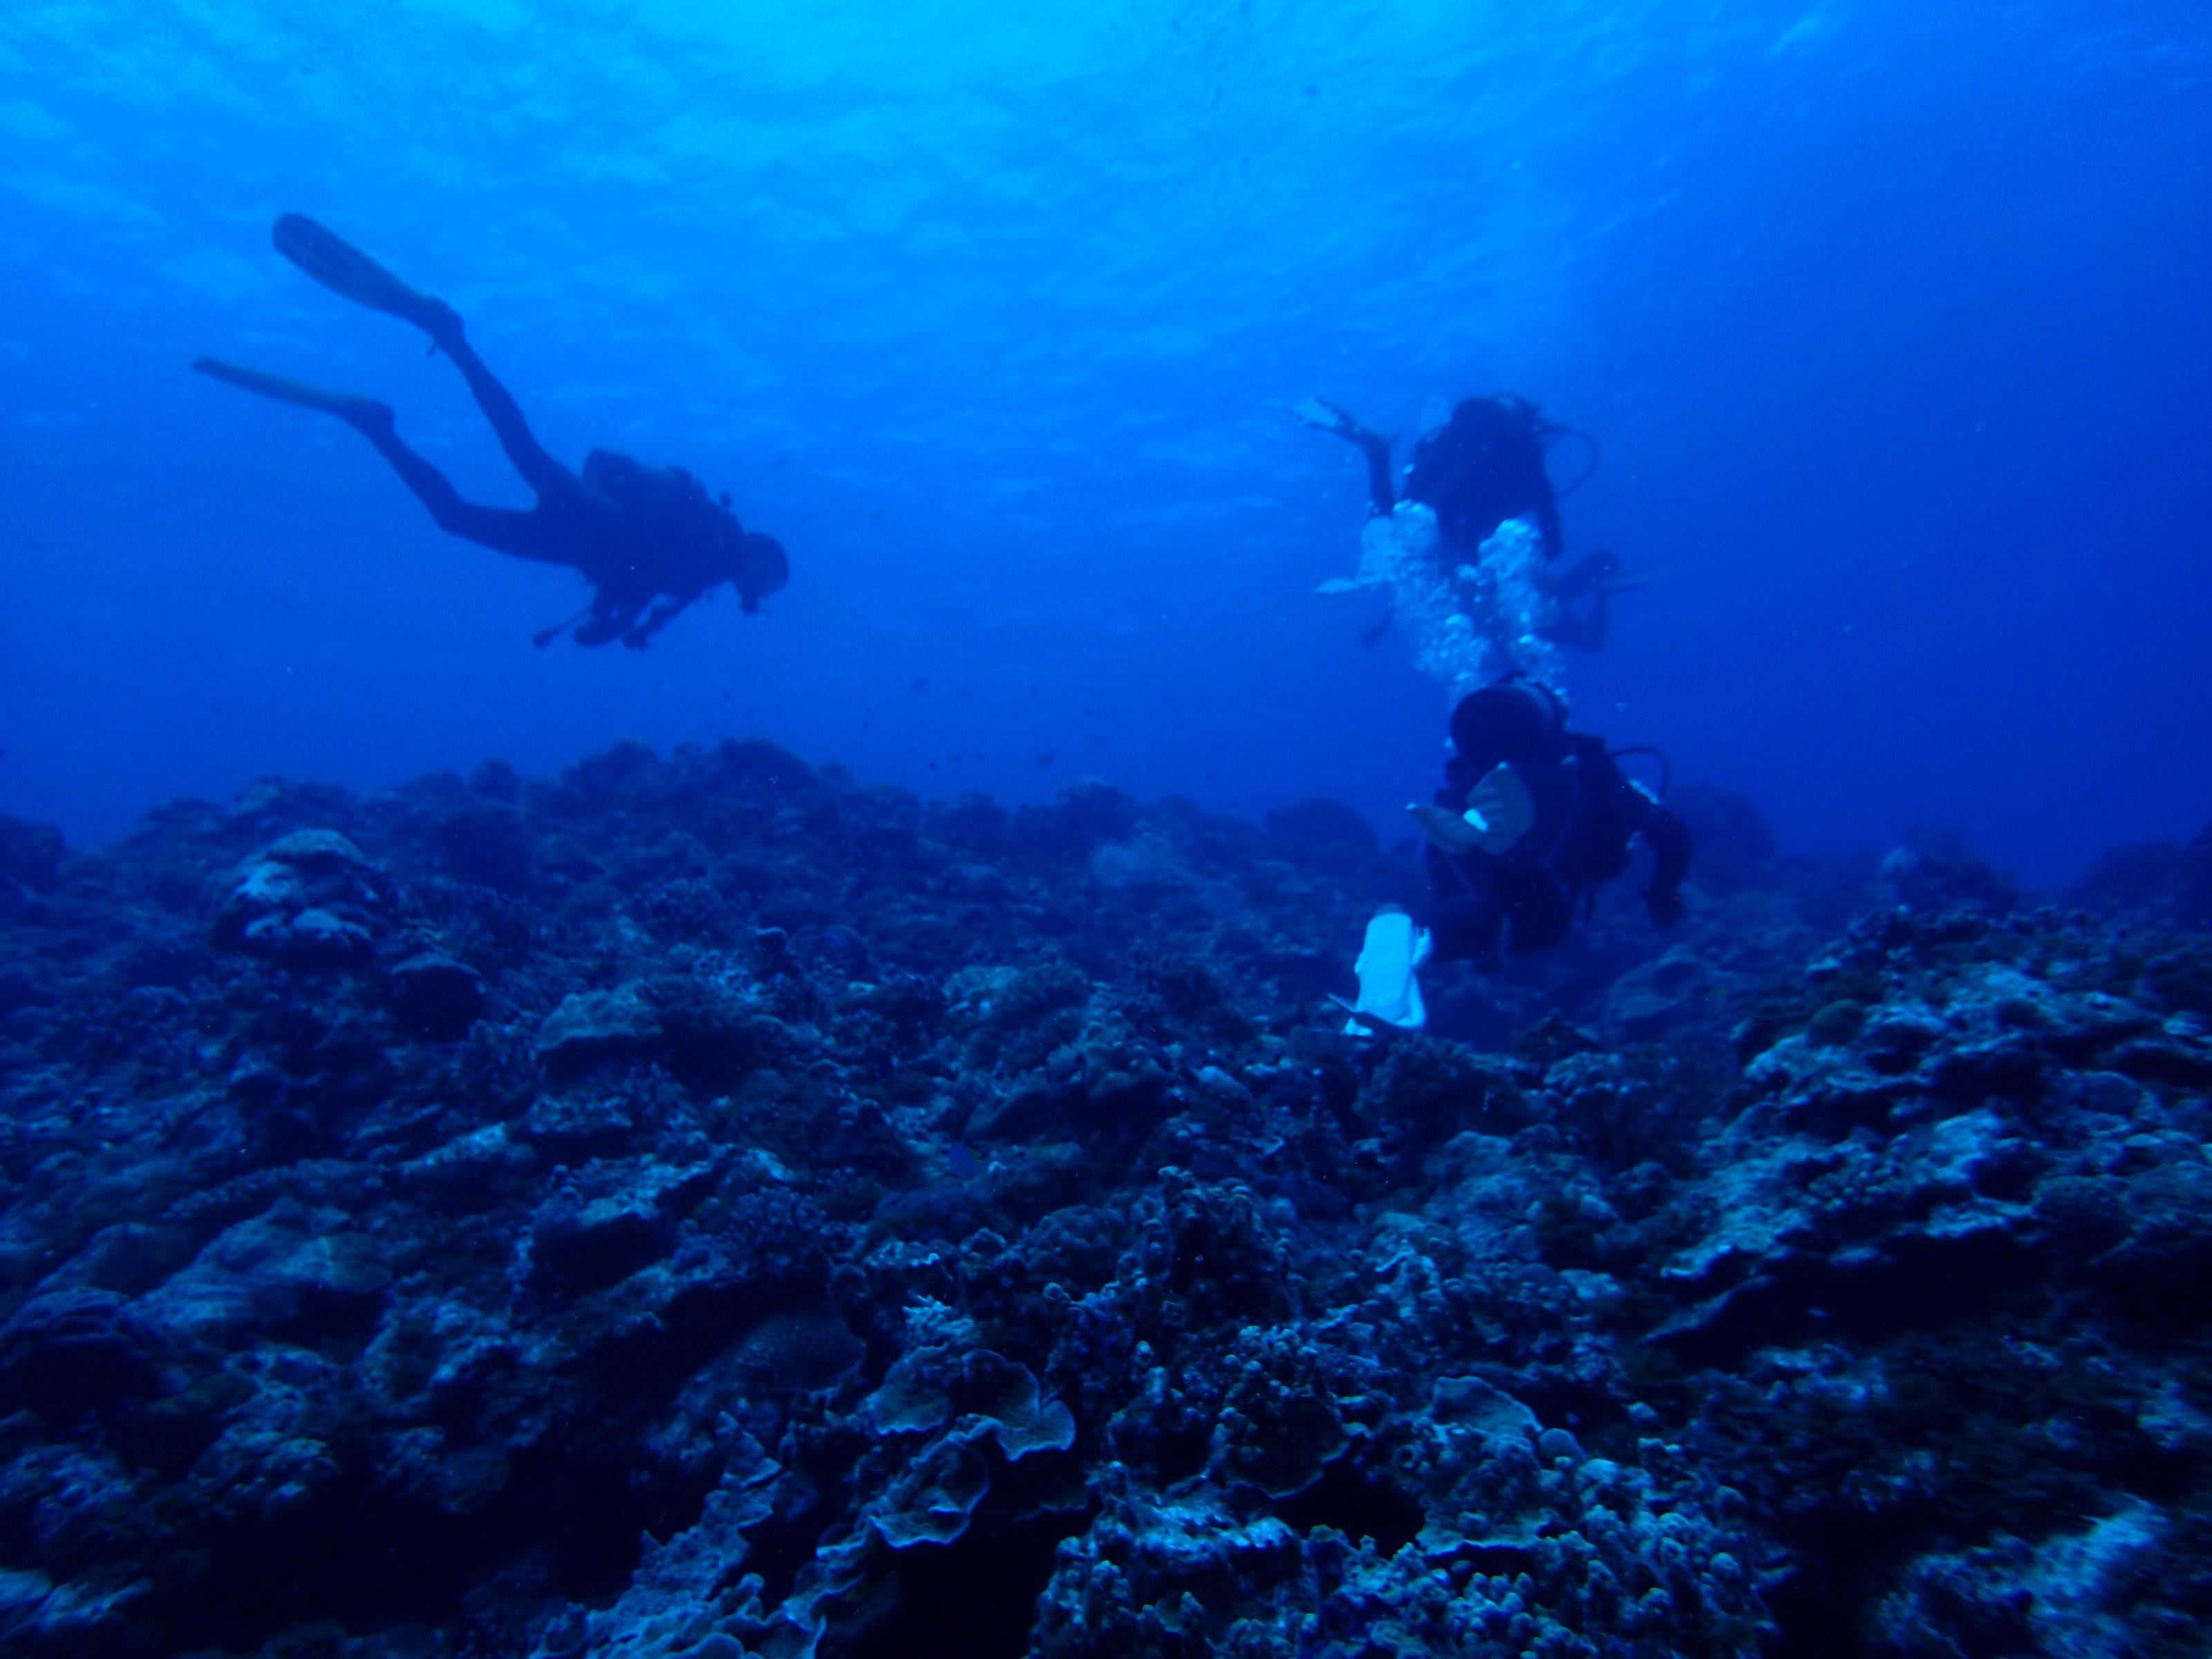 2016年7月15日 慶良間群島線路有執照潛水4